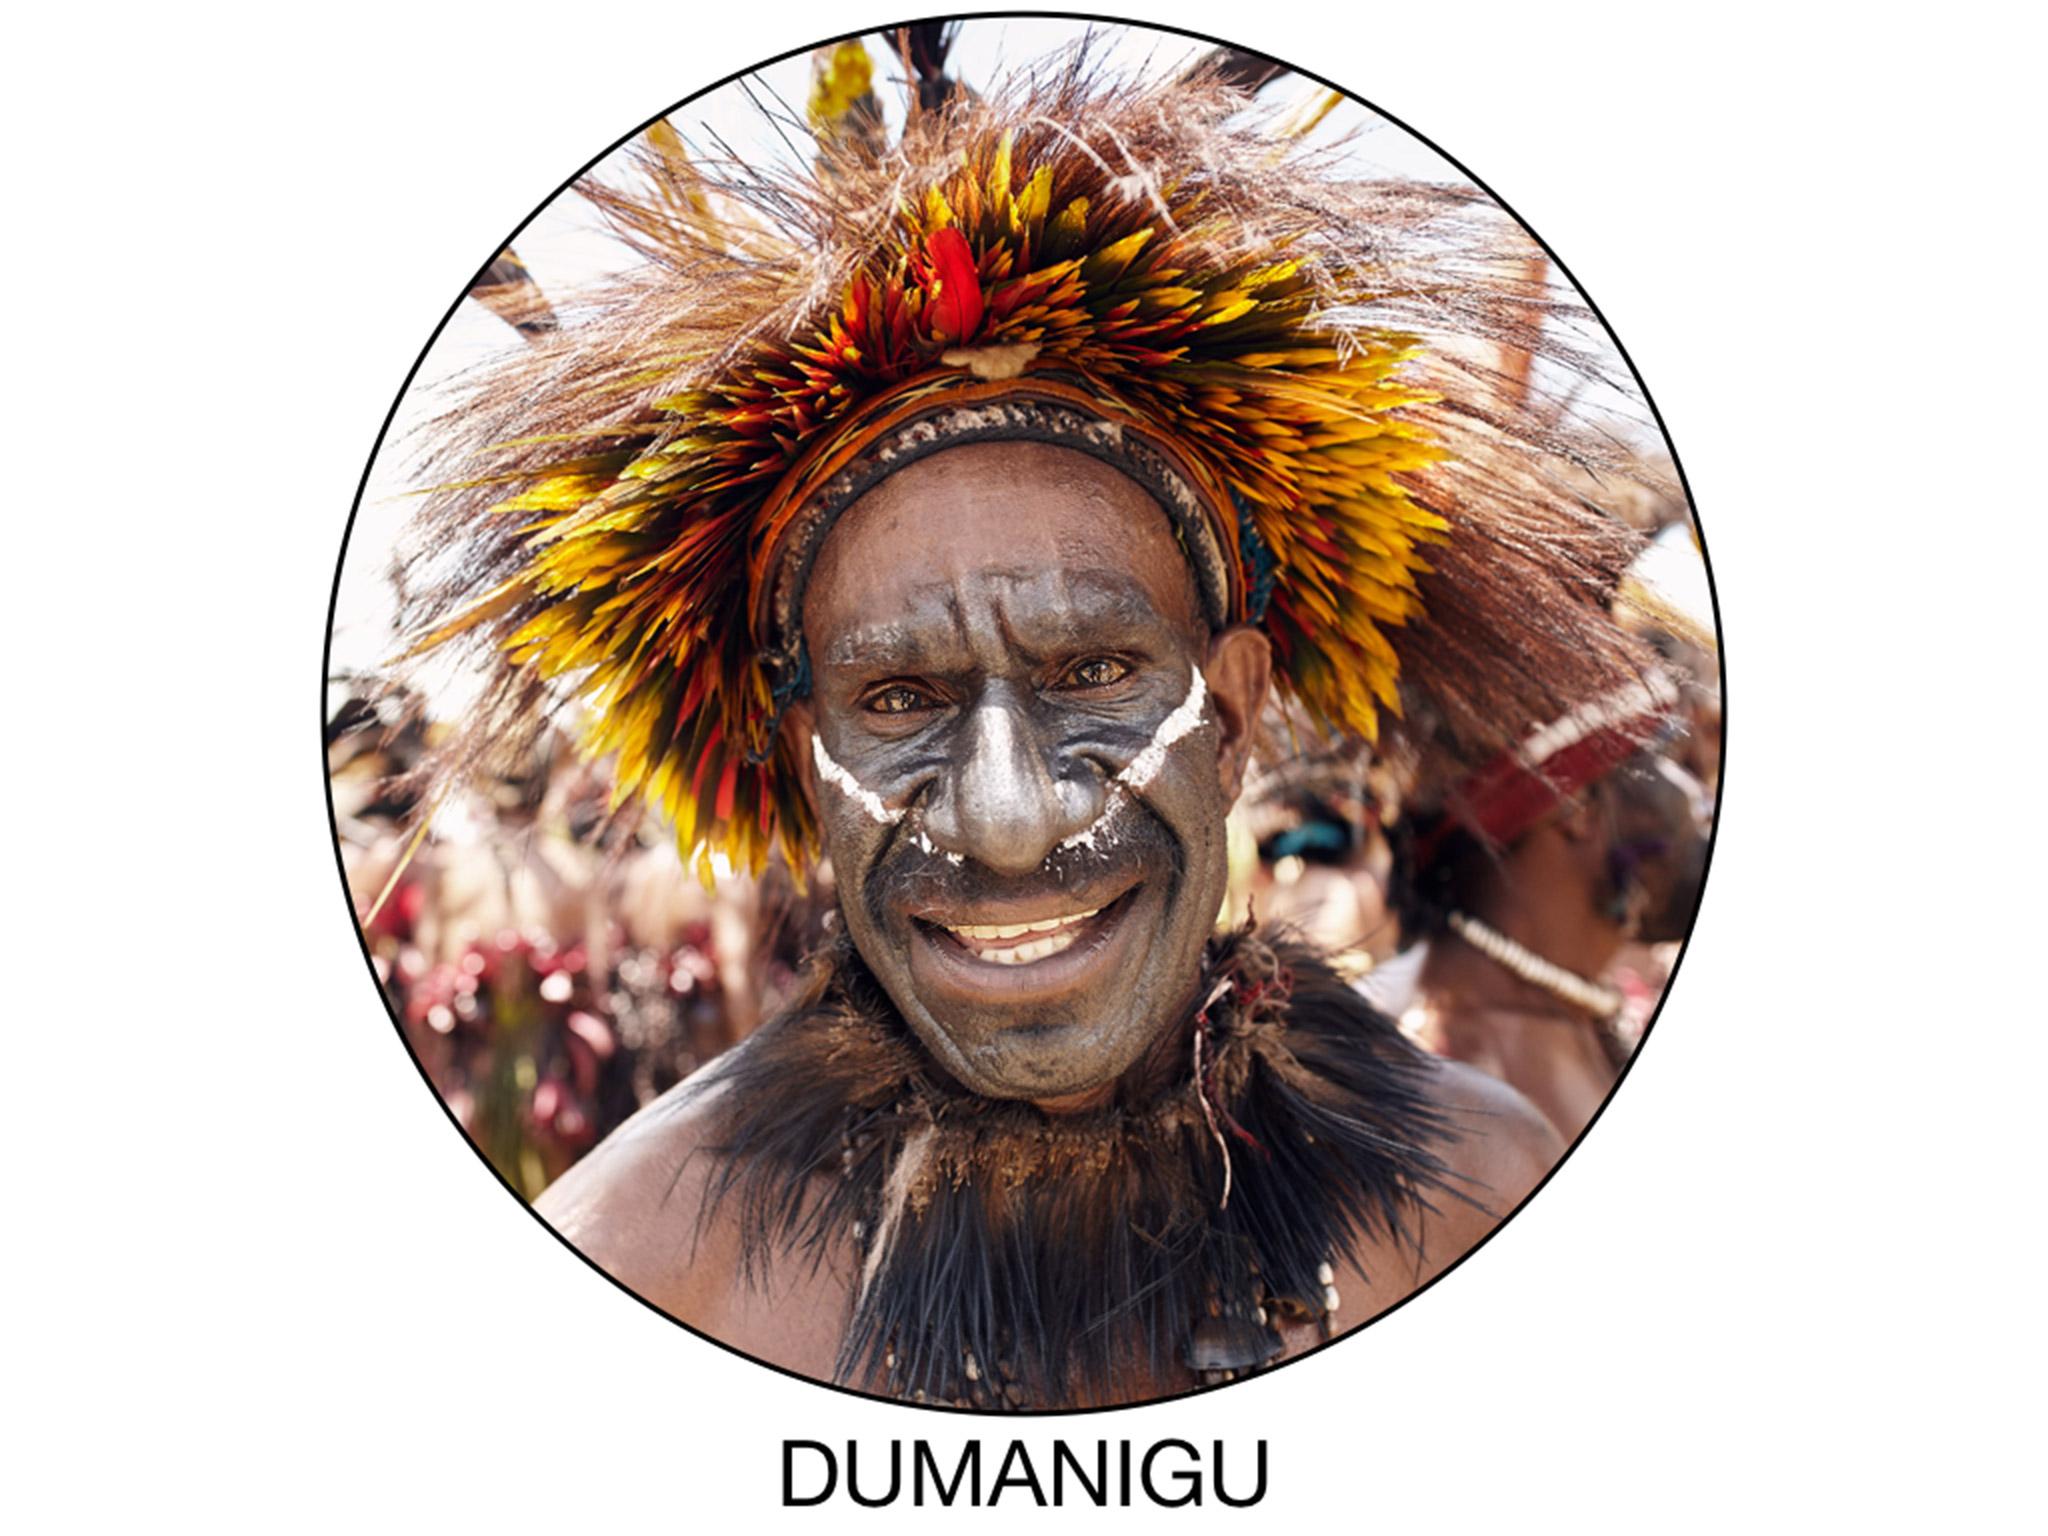 Dumanigu-warrior-portrait